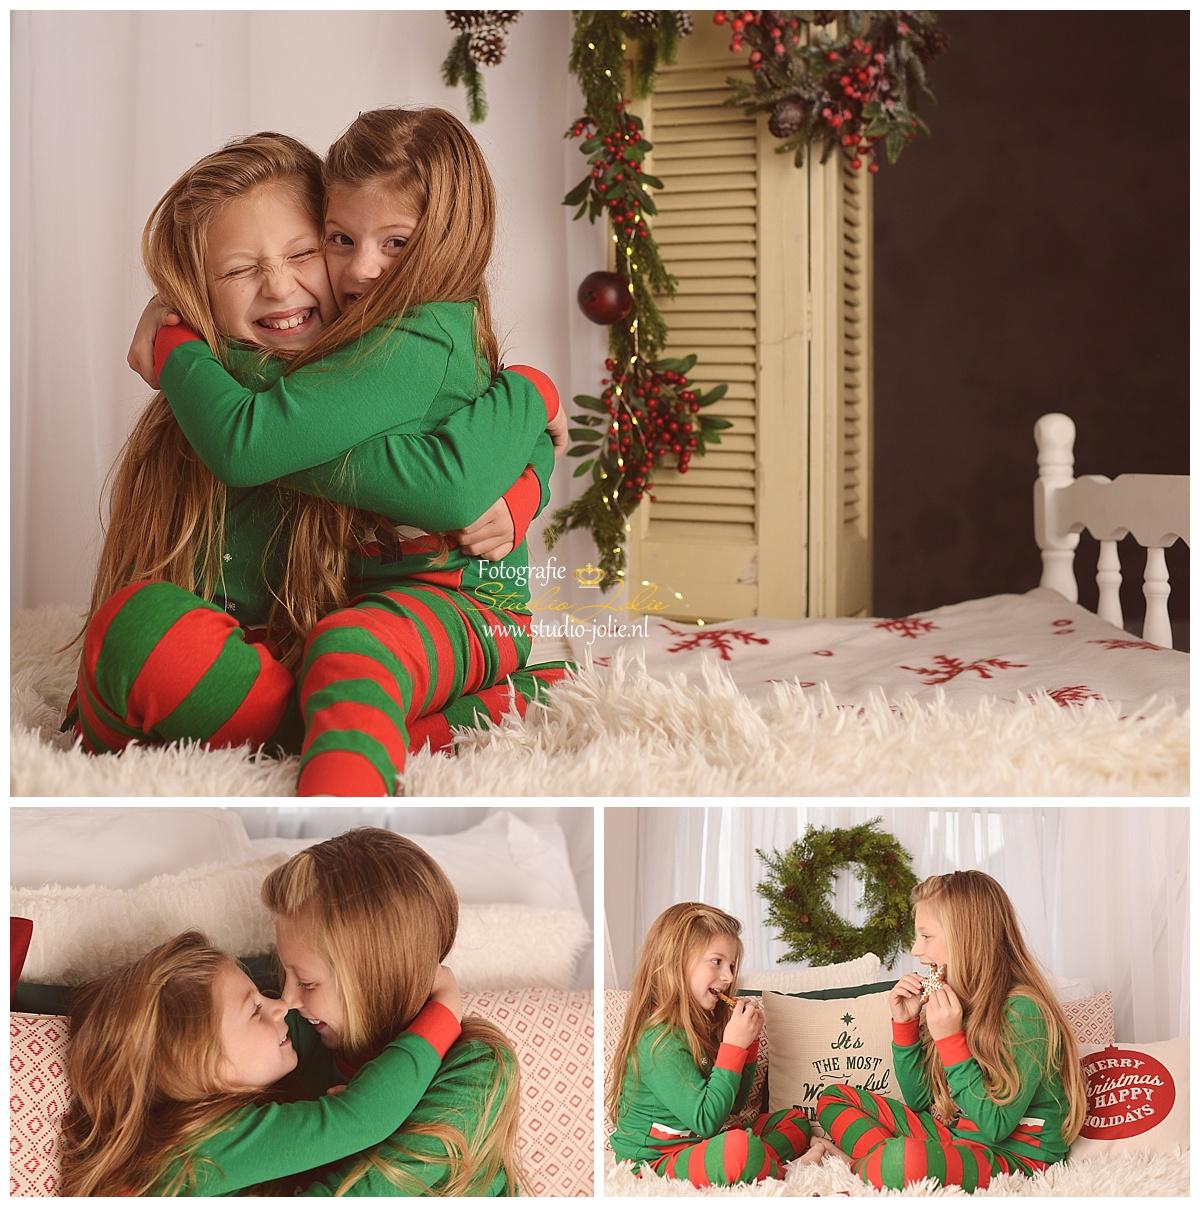 kerst fotoshoot kids.jpg